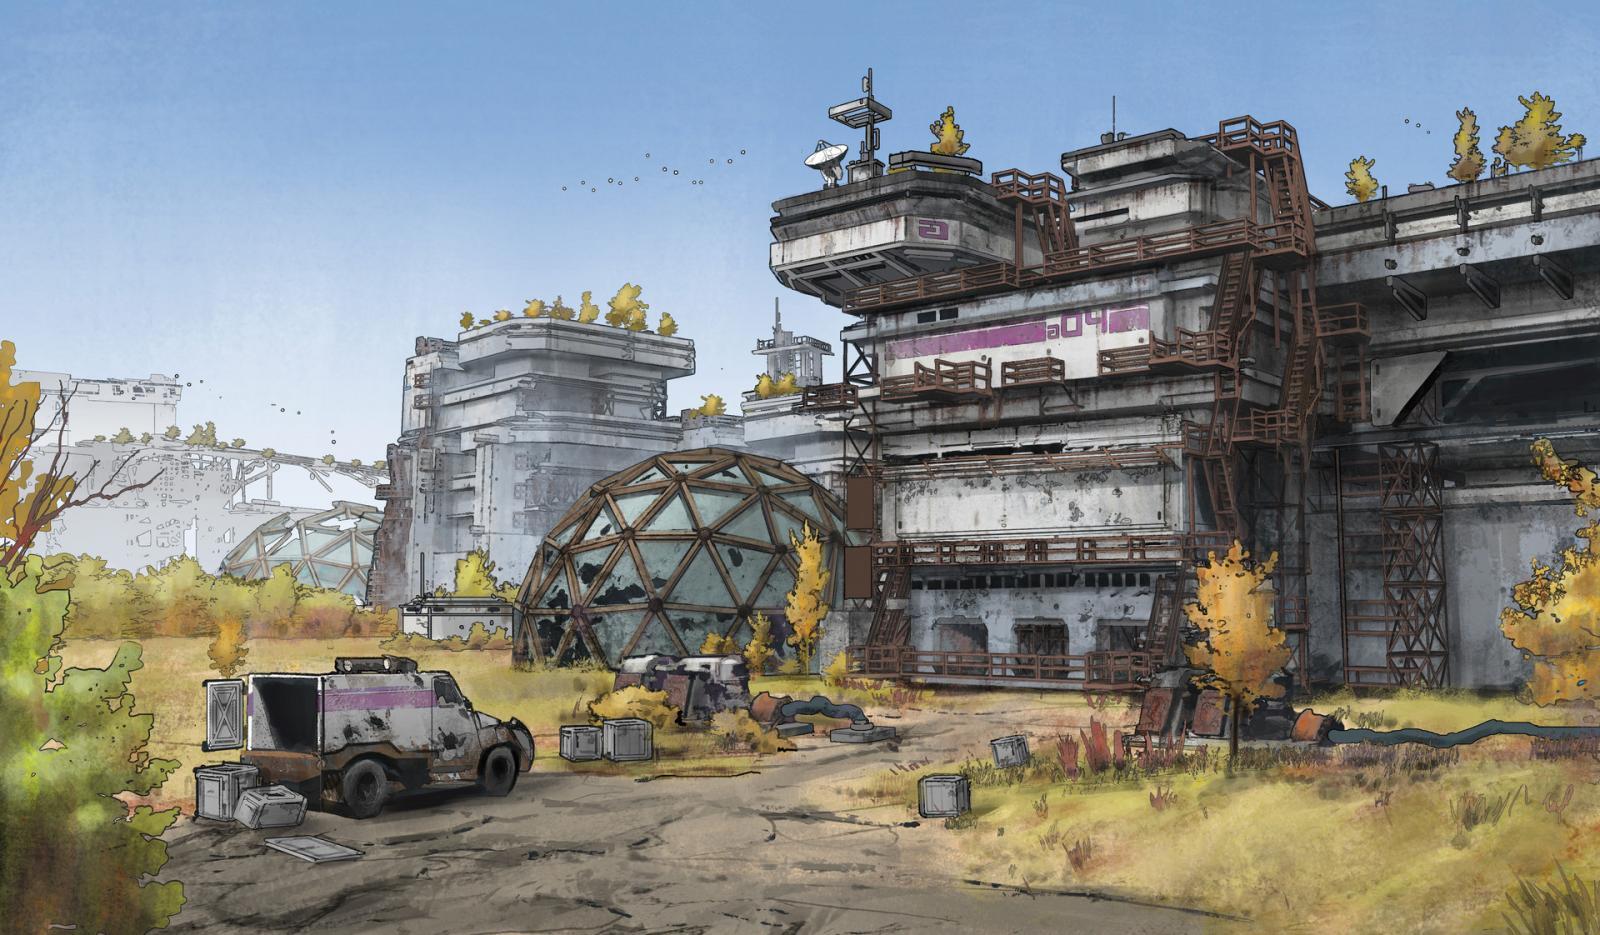 ben-redekop-abandoned-research-lab.jpg